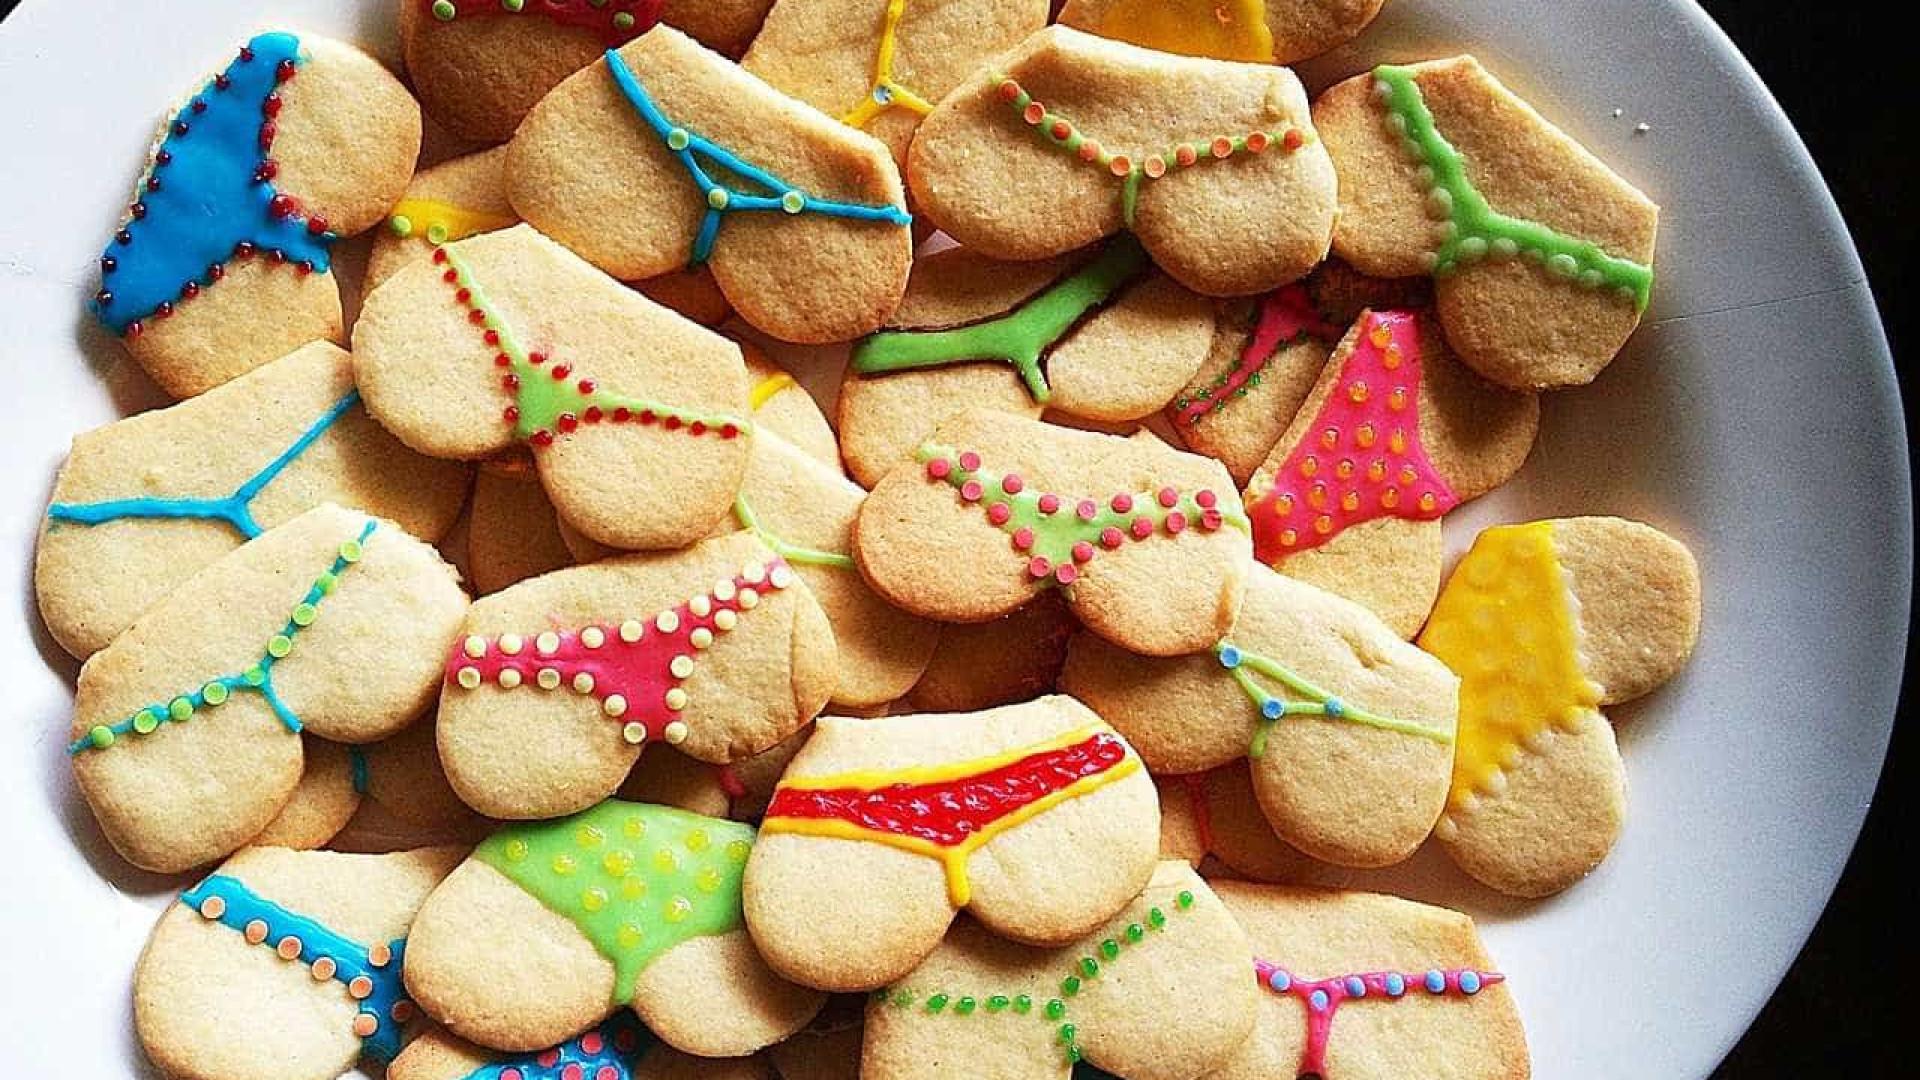 вас печенье с прикольными картинками только, что кино